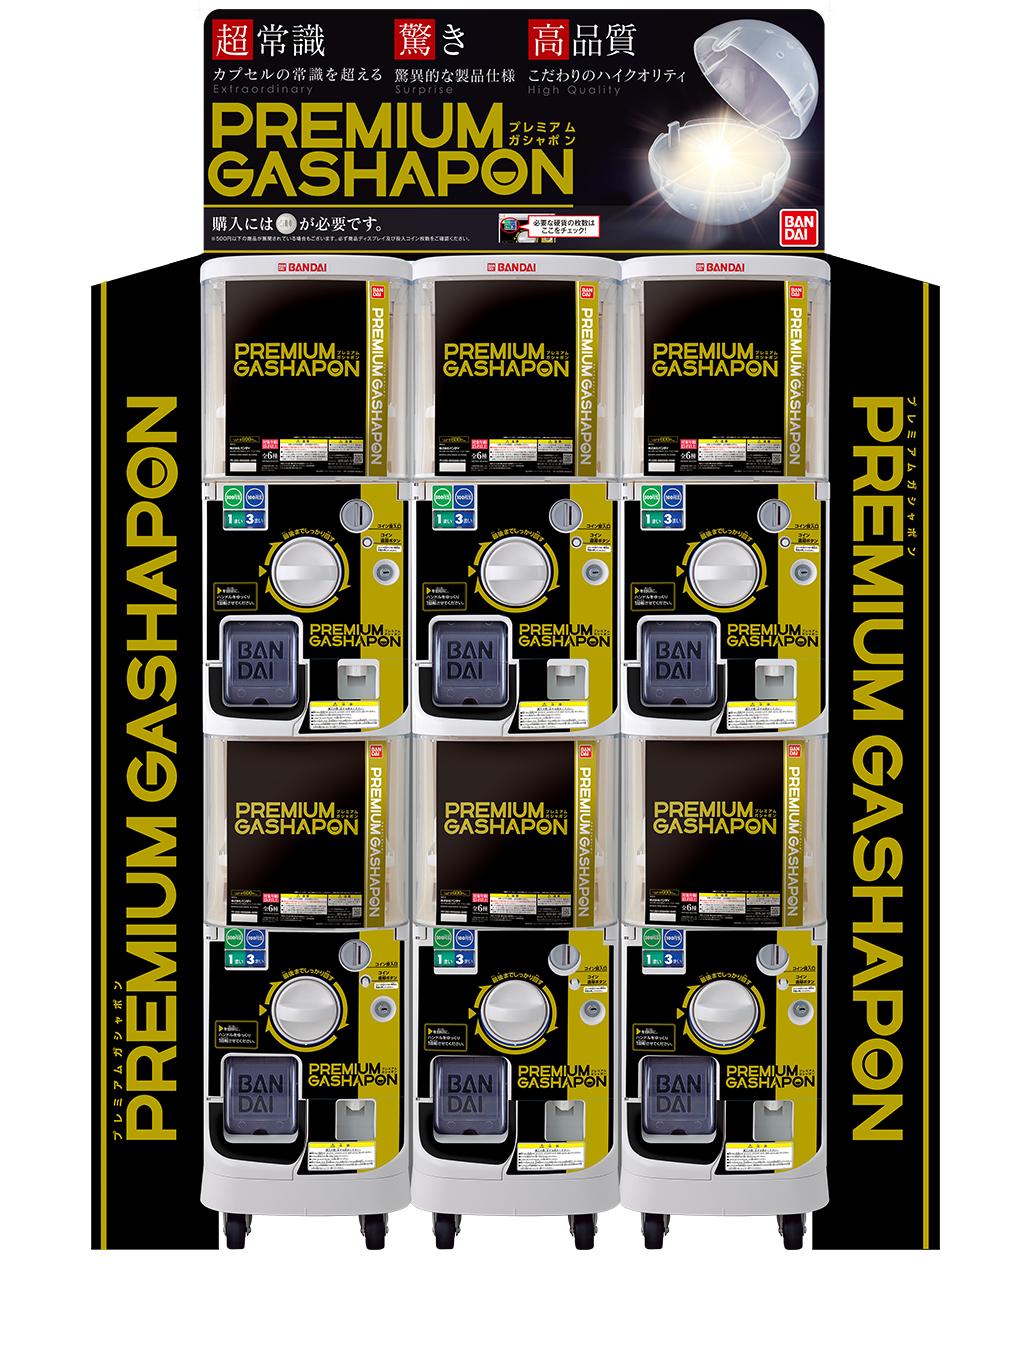 Premium Gashapon